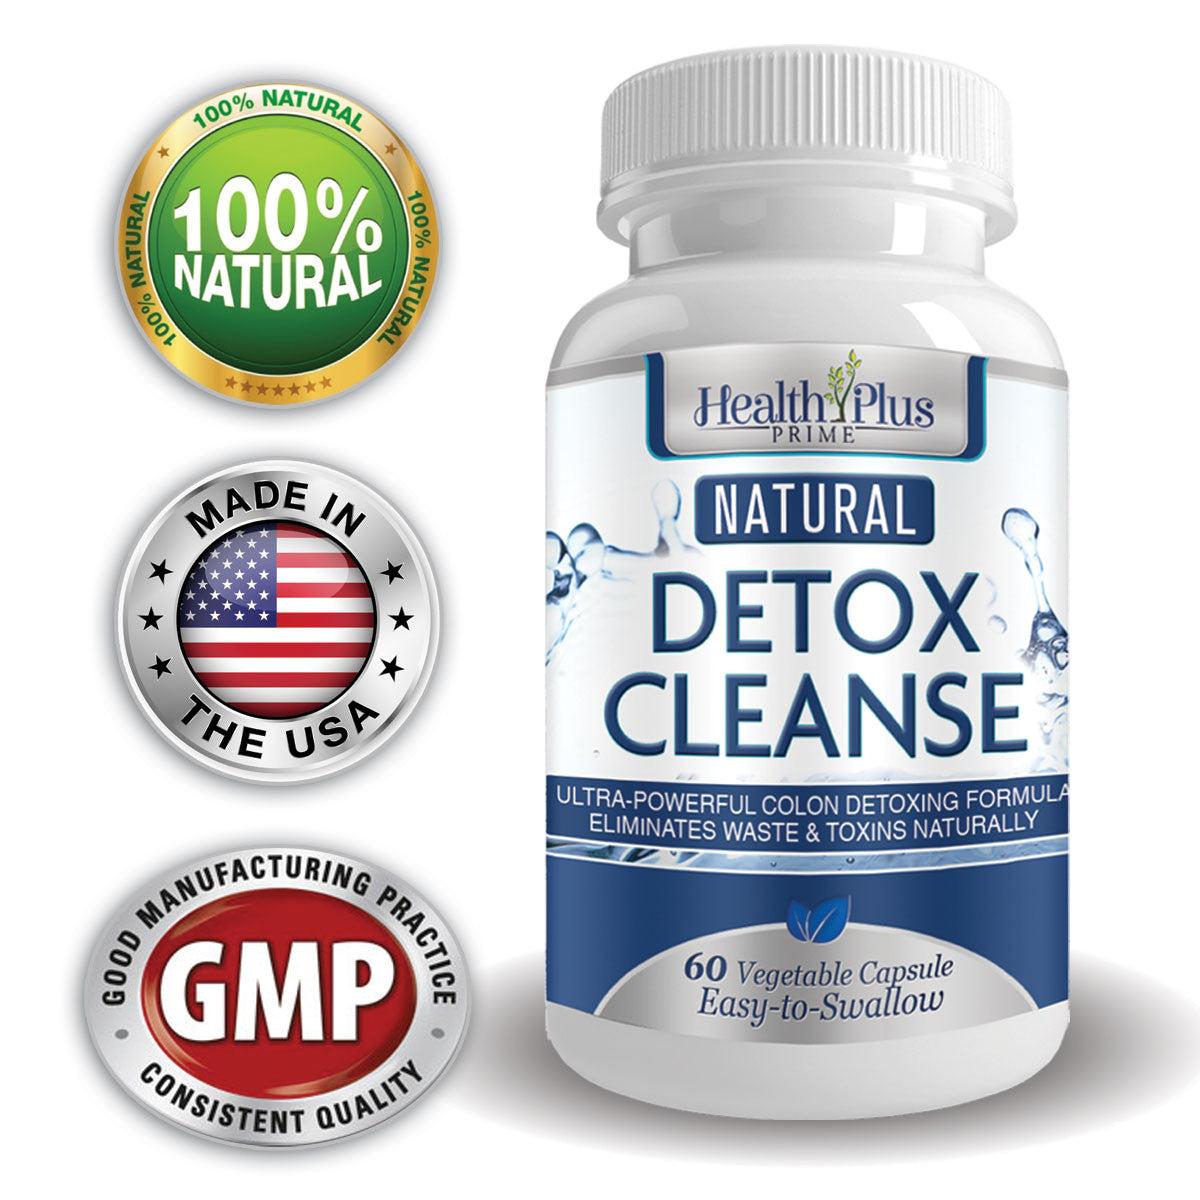 colon cleanse detox natural colon curăță detox dr oz